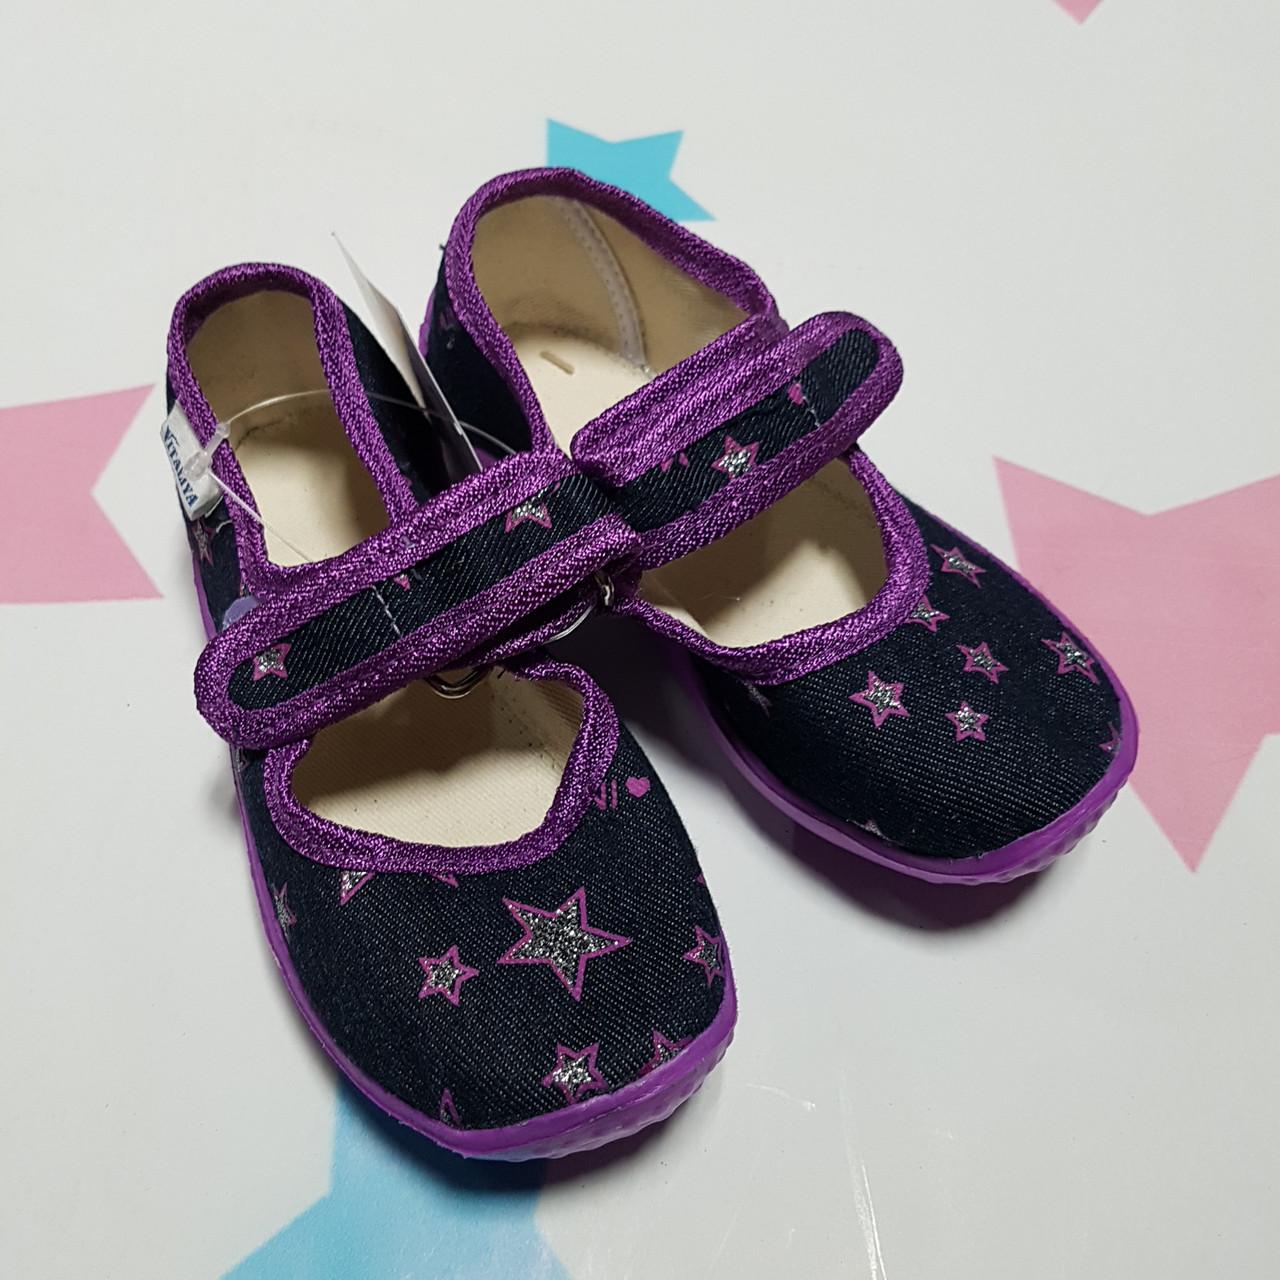 Тапочки оптом в садик на девочку, текстильная обувь Vitaliya Виталия Украина, размеры с 23 по 27